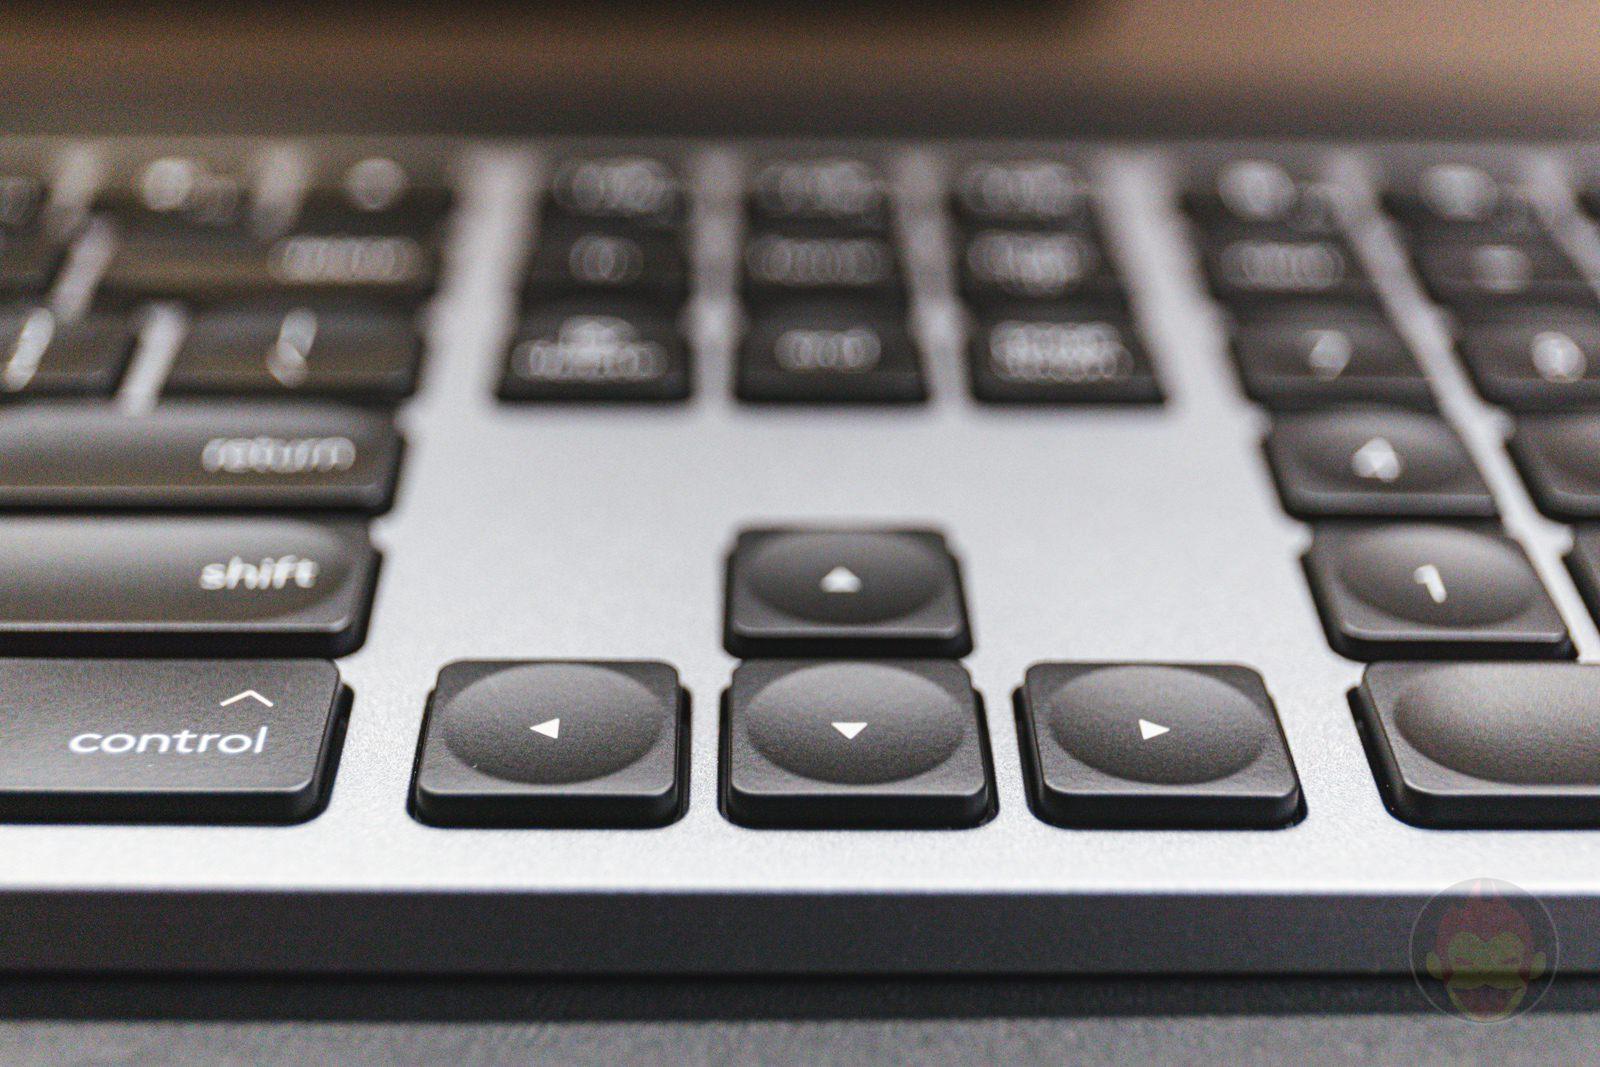 Logicool-KX800M-MX-KEYS-for-Mac-02.jpg